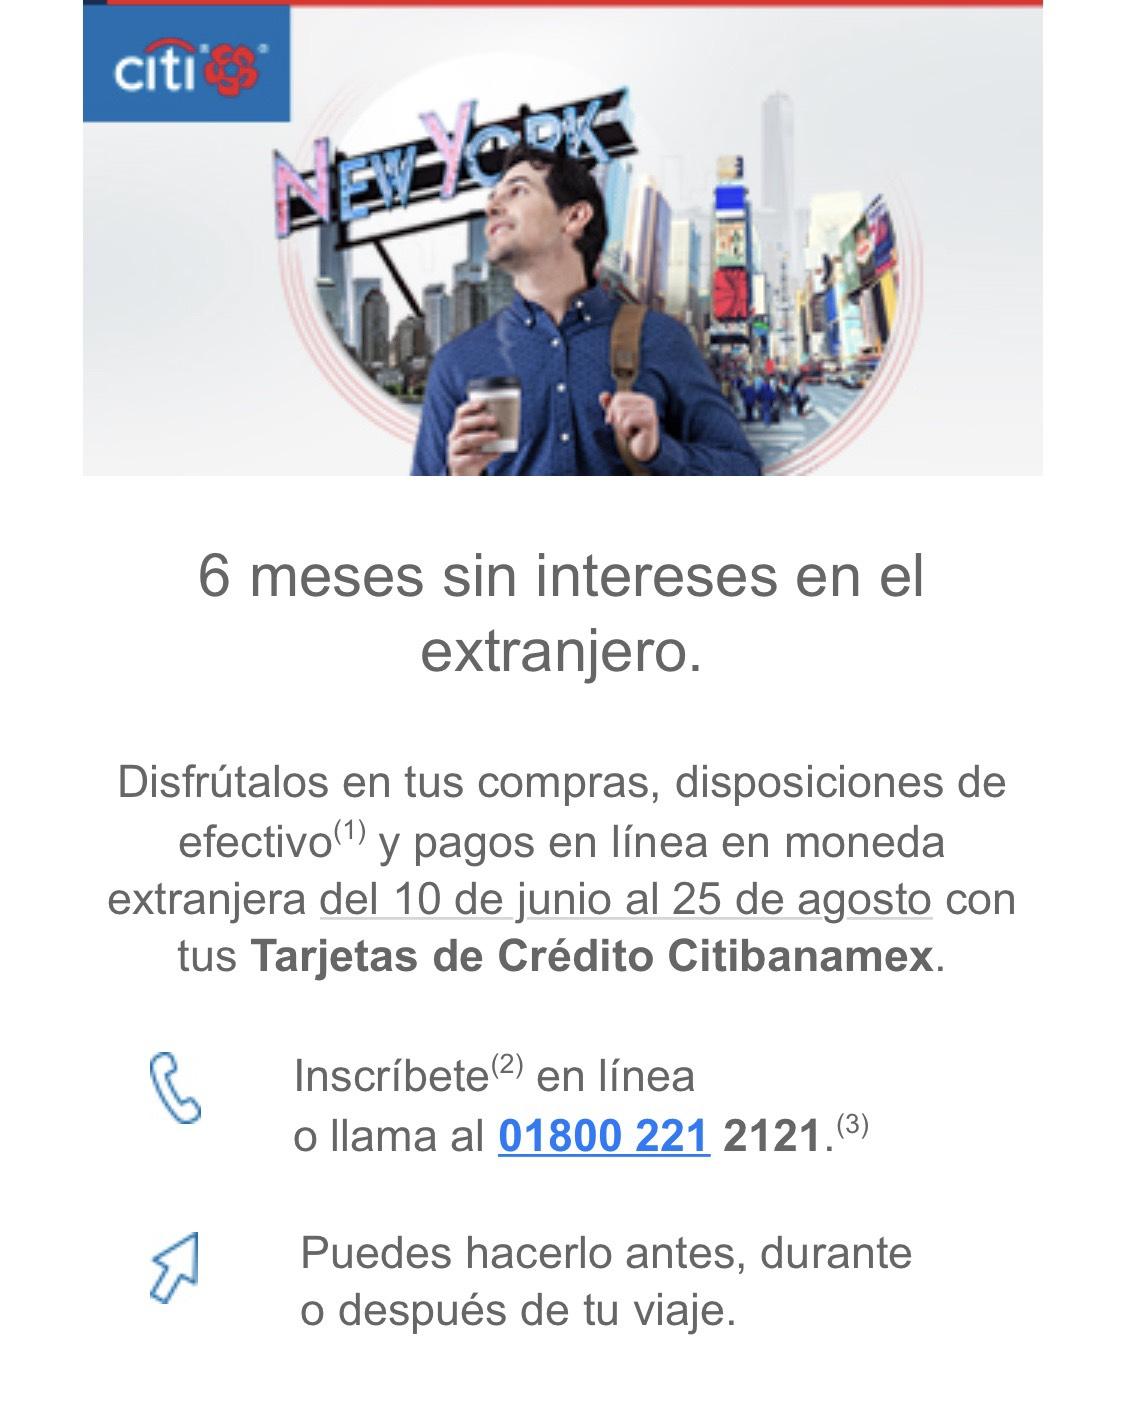 Banamex: 6 meses sin intereses en pagos en línea en moneda extranjera